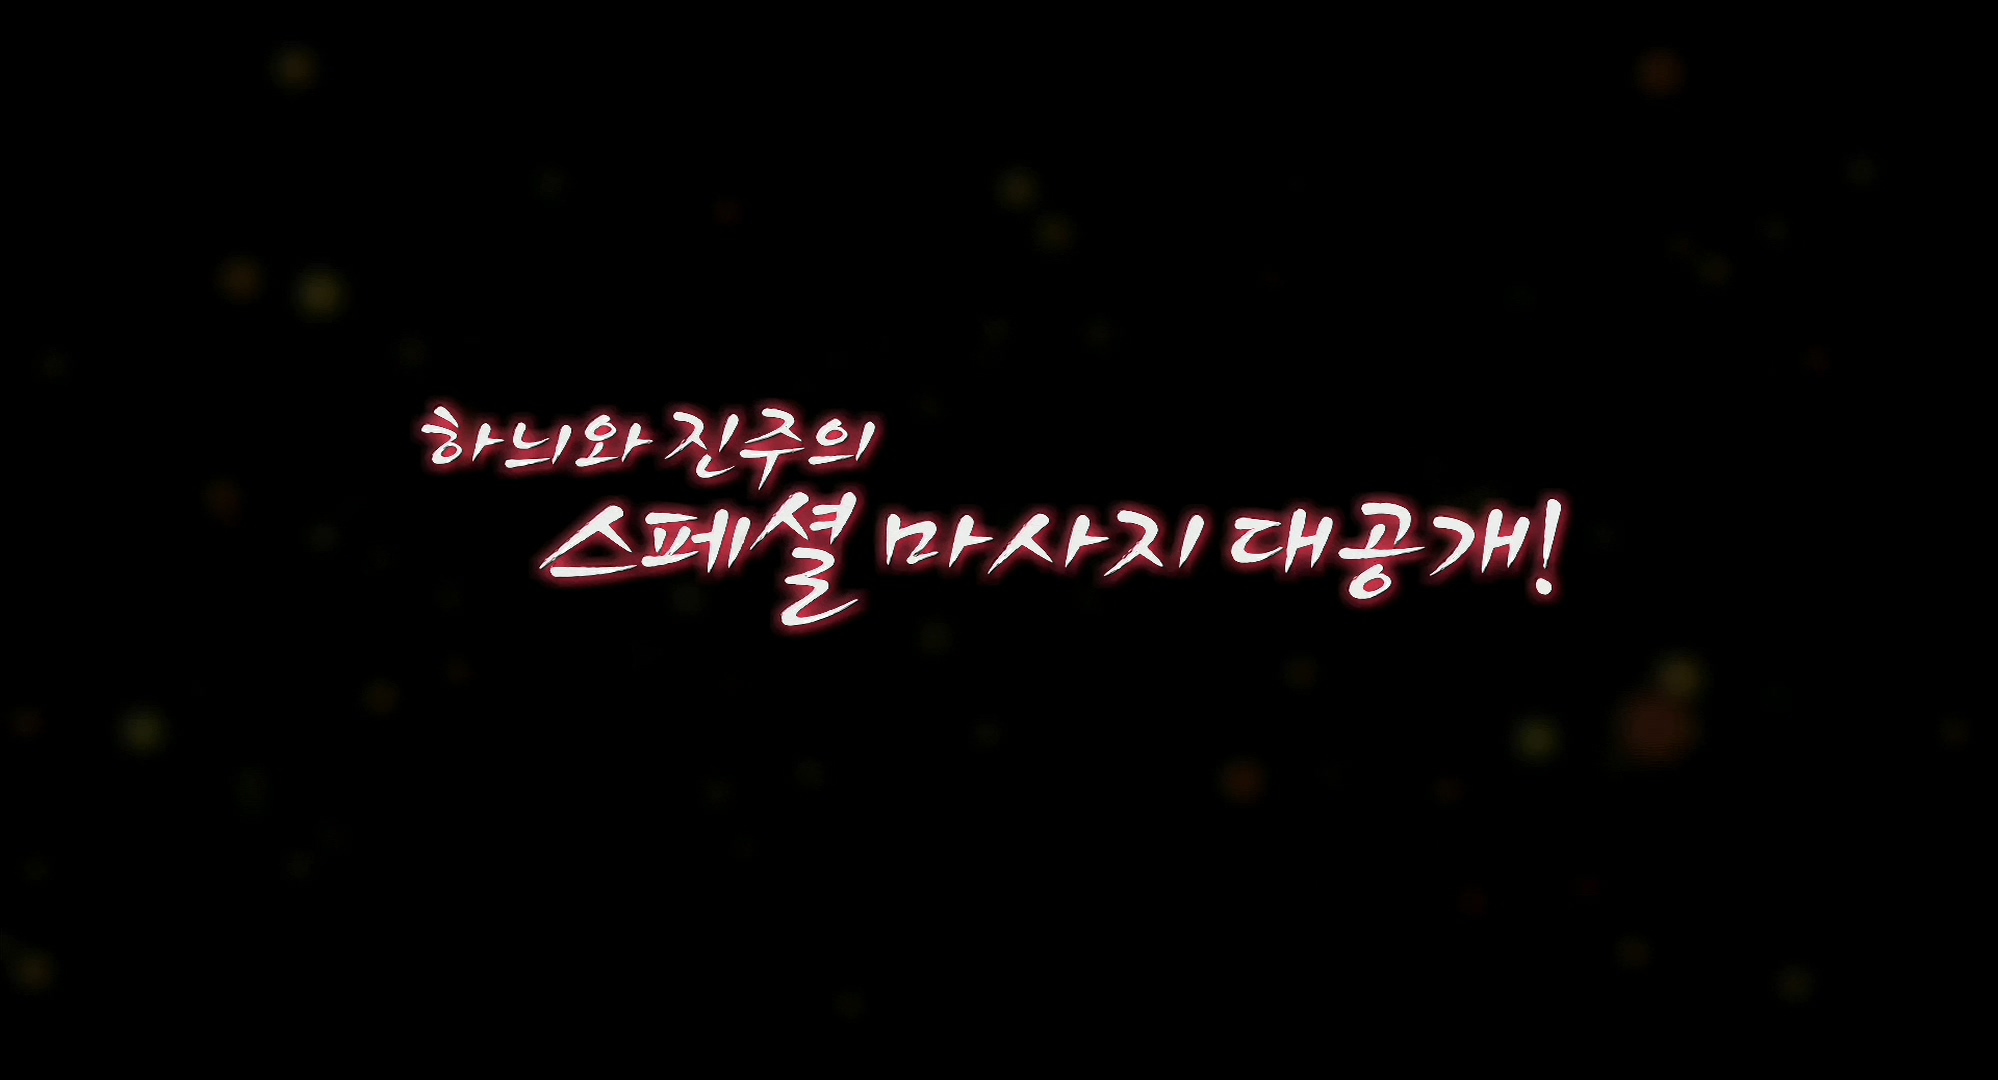 하늬와 진주의 스페셜 마사지 대공개!